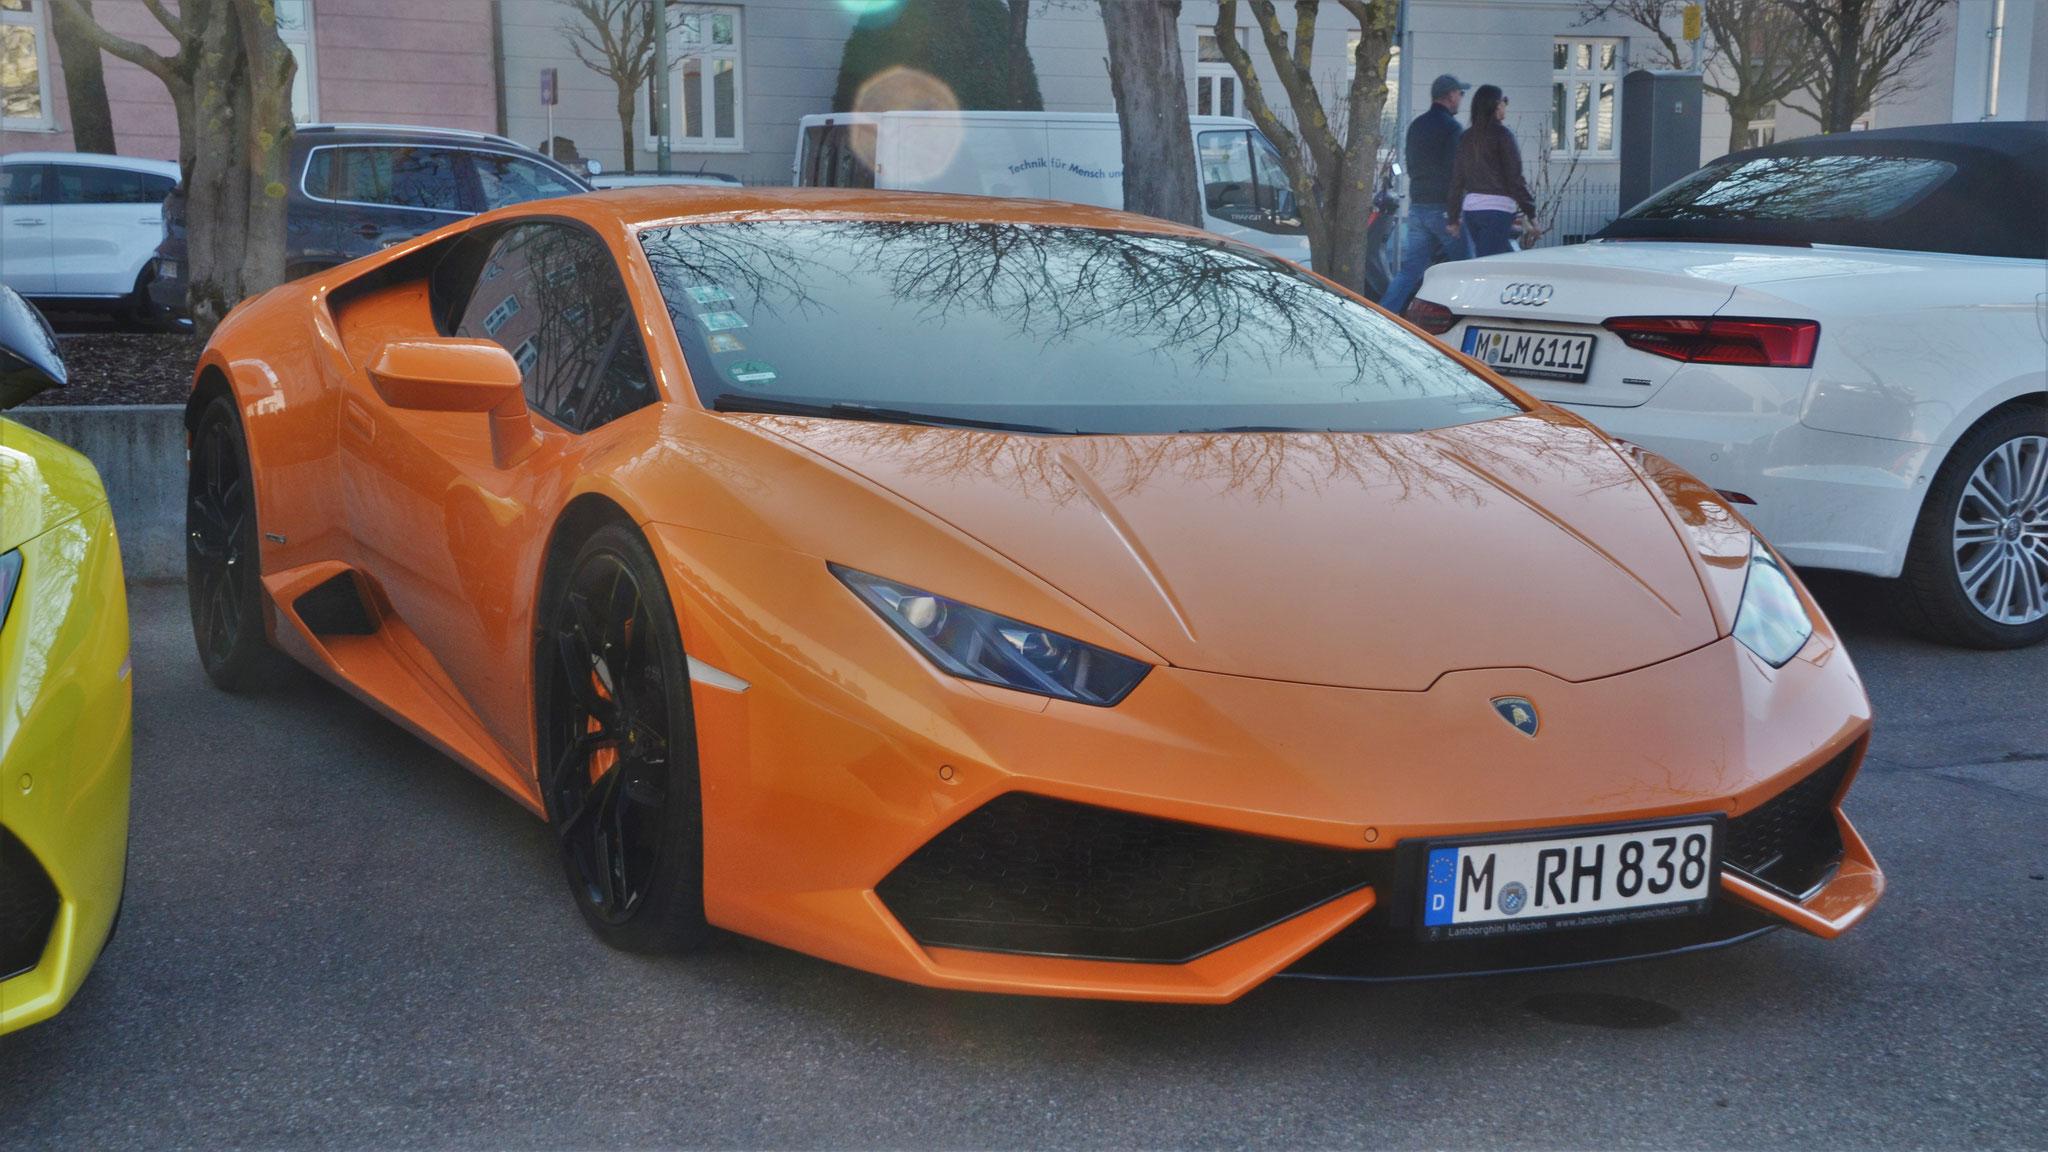 Lamborghini Huracan - M-RH-838